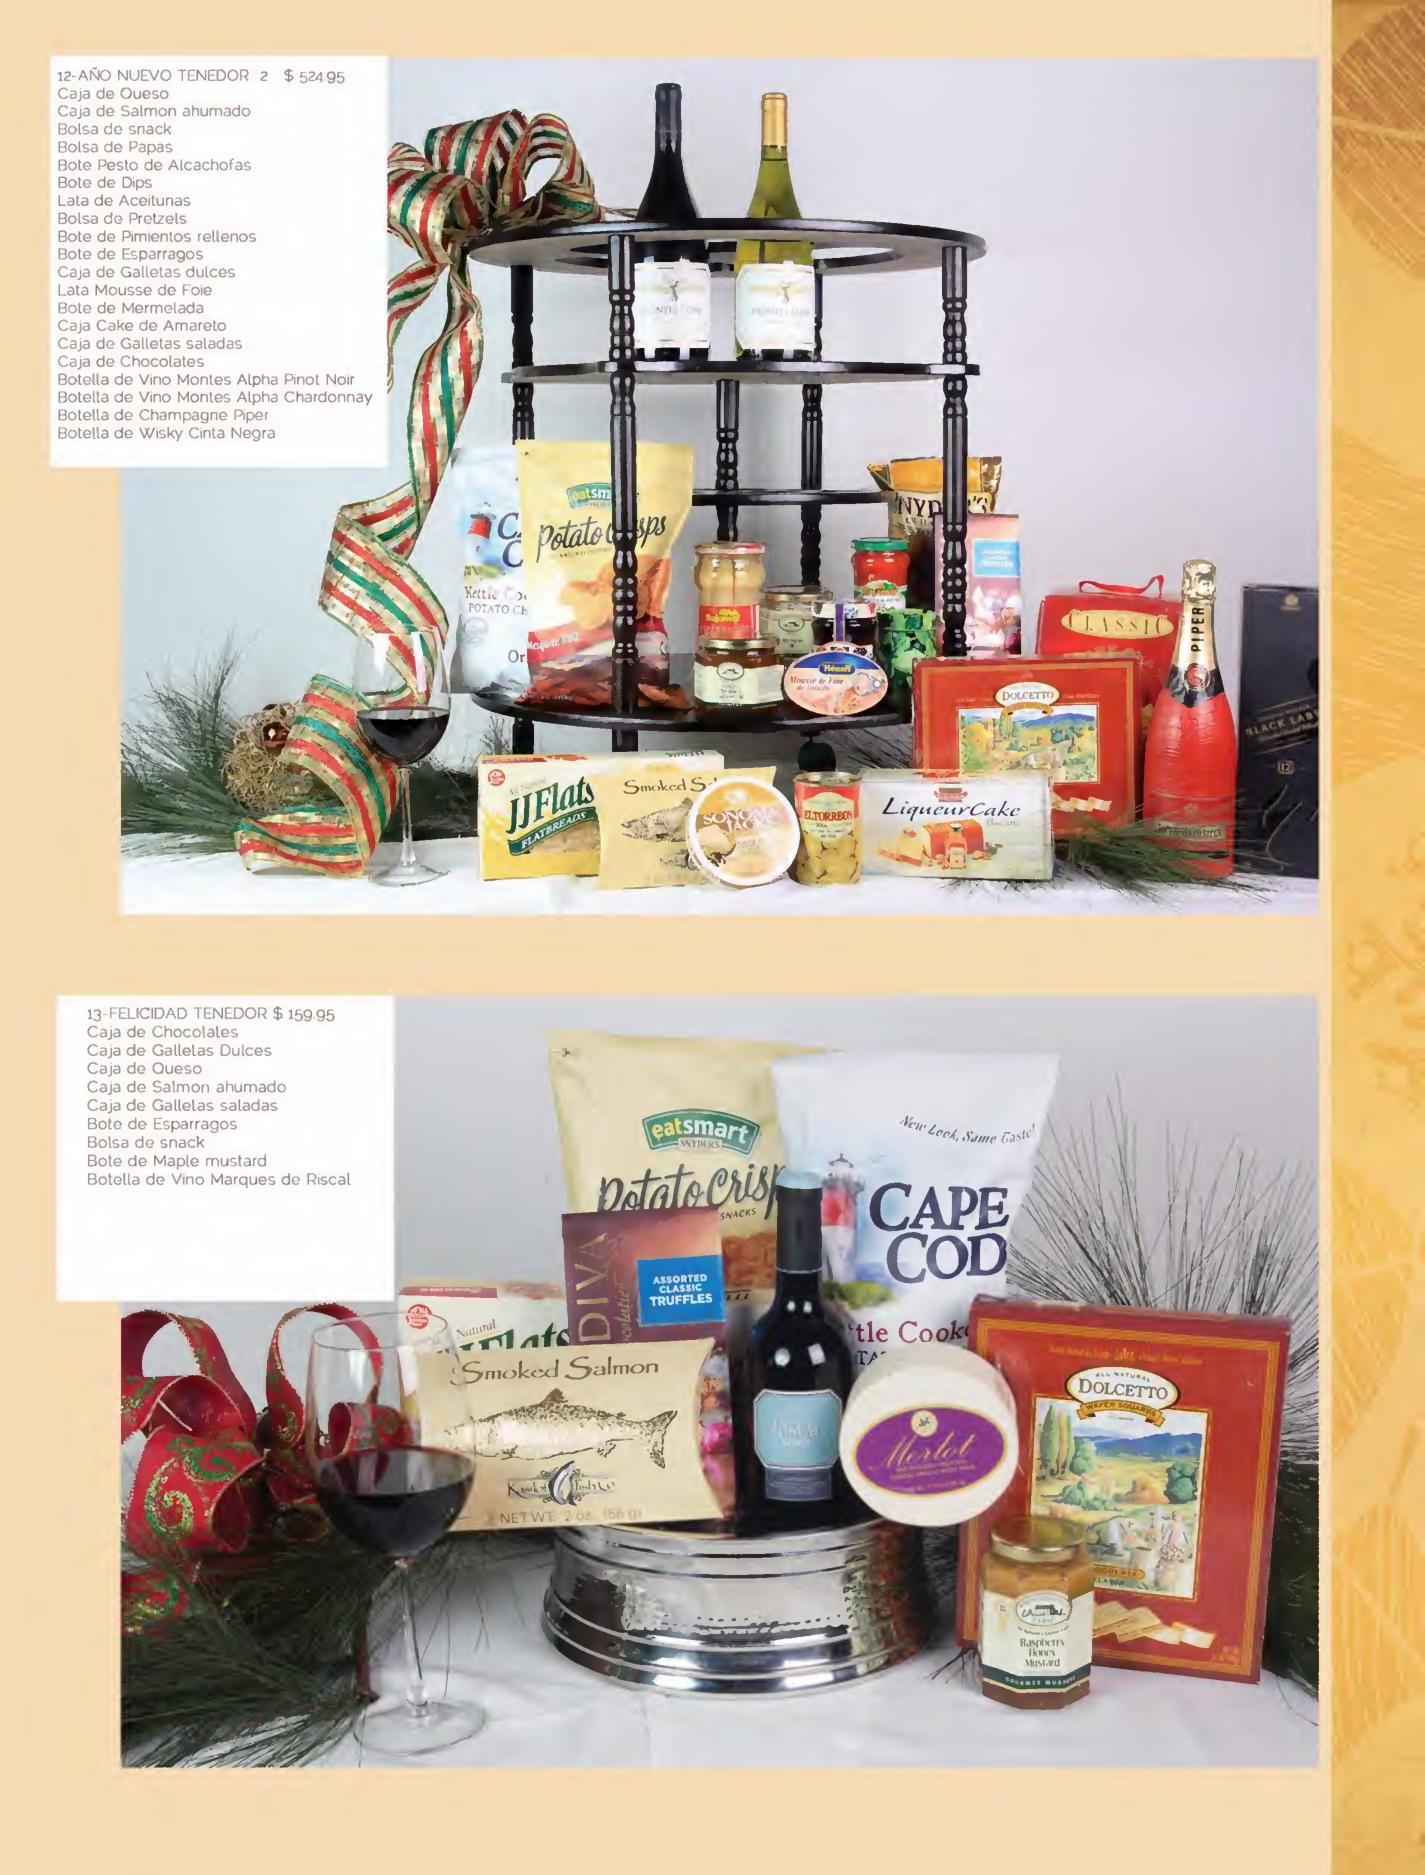 Se or tenedor canastas navide as gourmet page09 for Ofertas tenedor